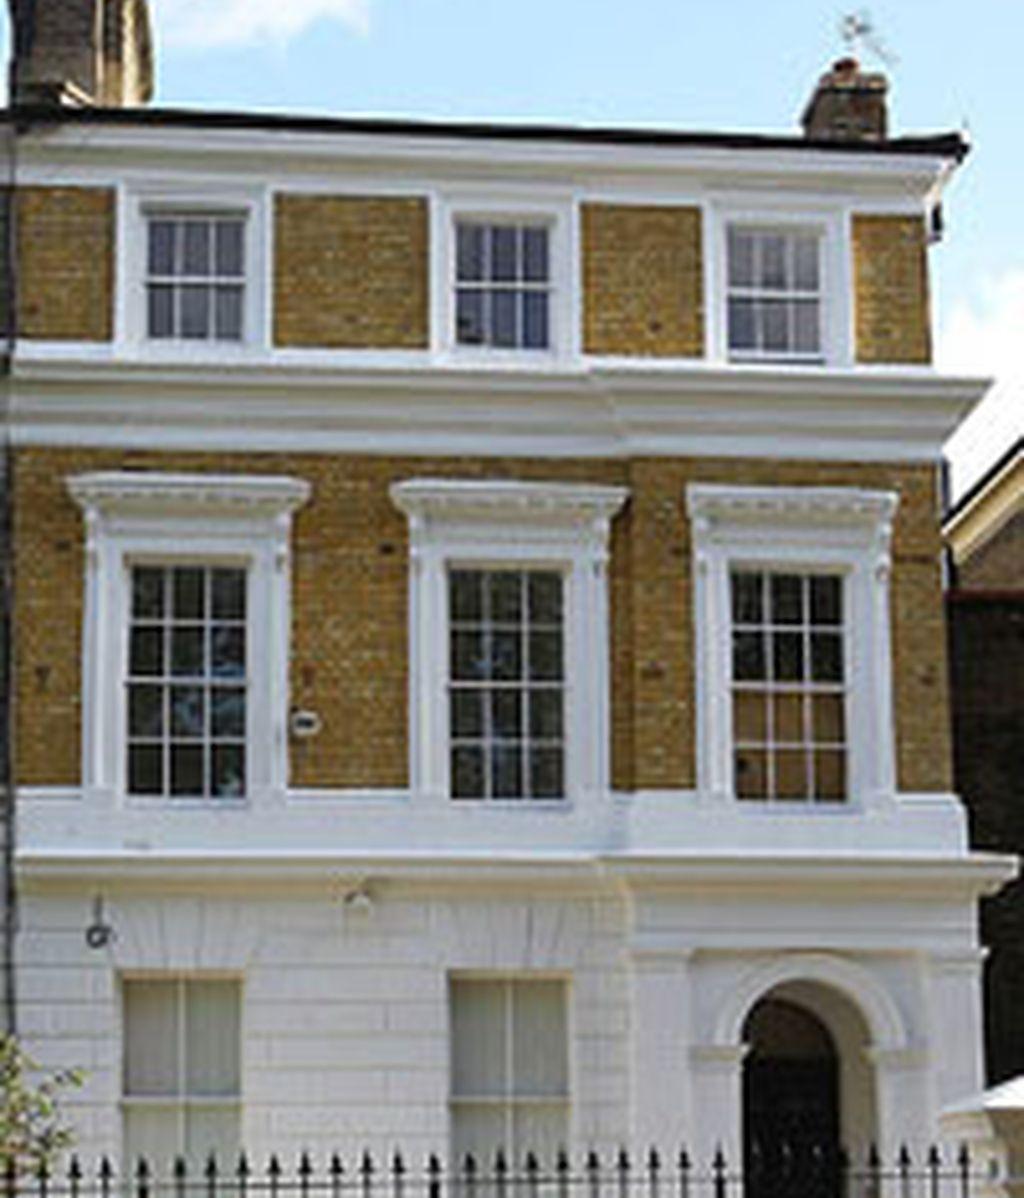 La casa de Camden, donde vicía la cantante Amy Winehouse.